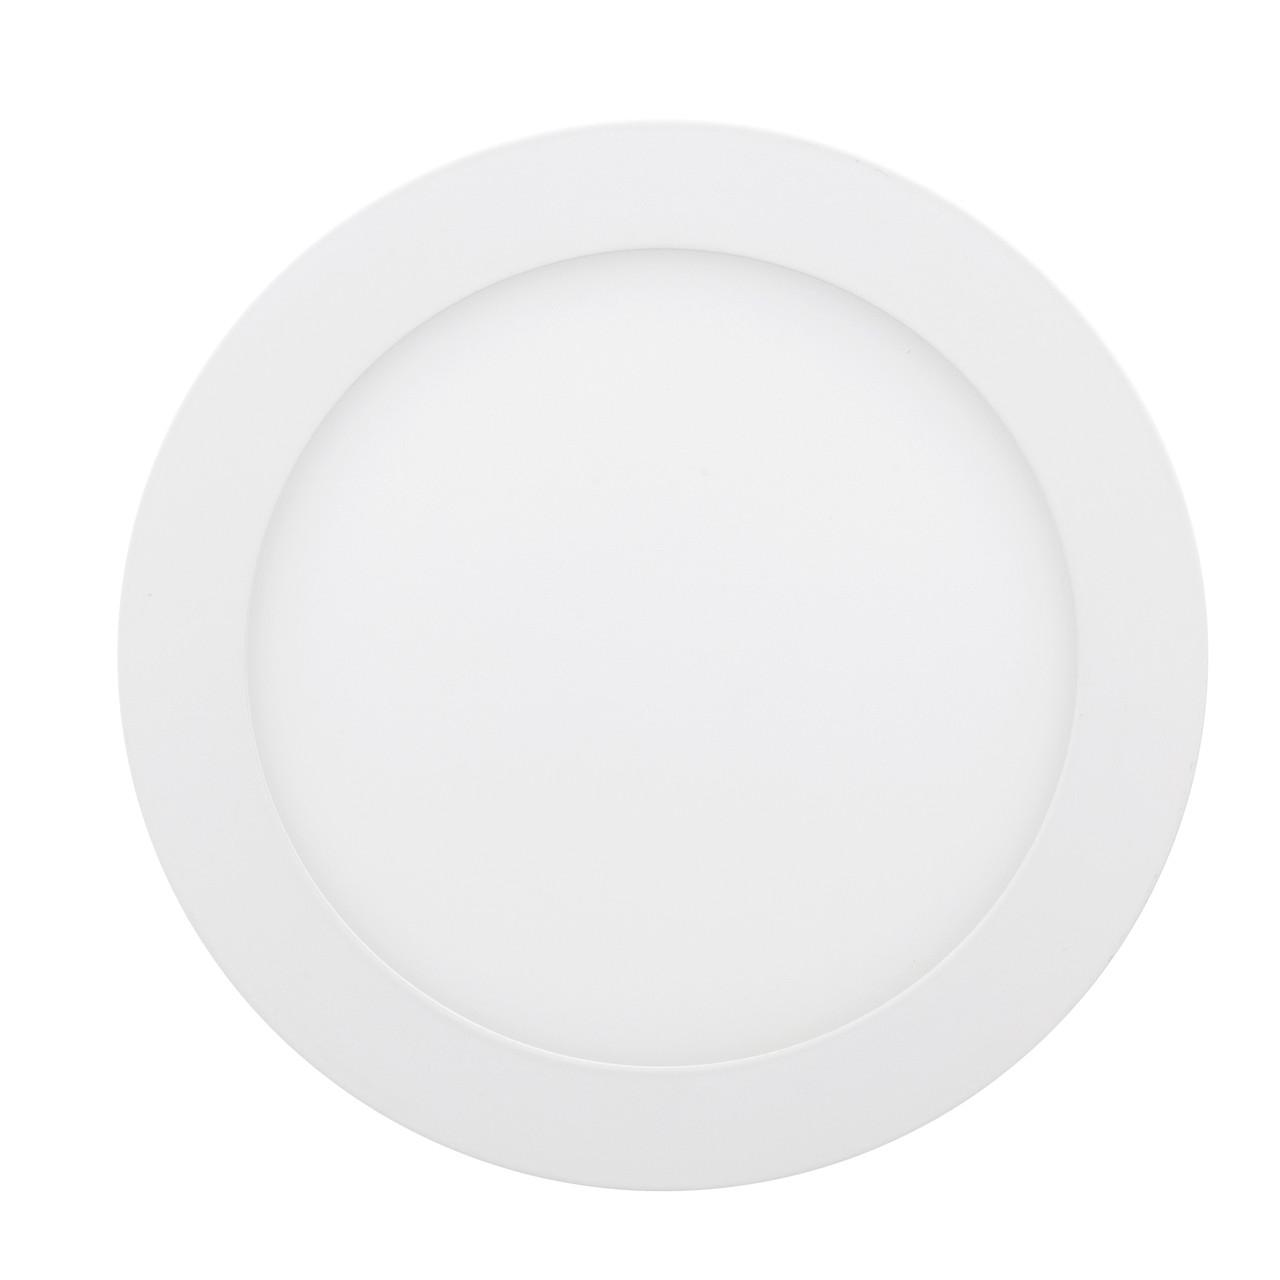 LED Downlight Евросвет 12Вт 6400К встраиваемый круг